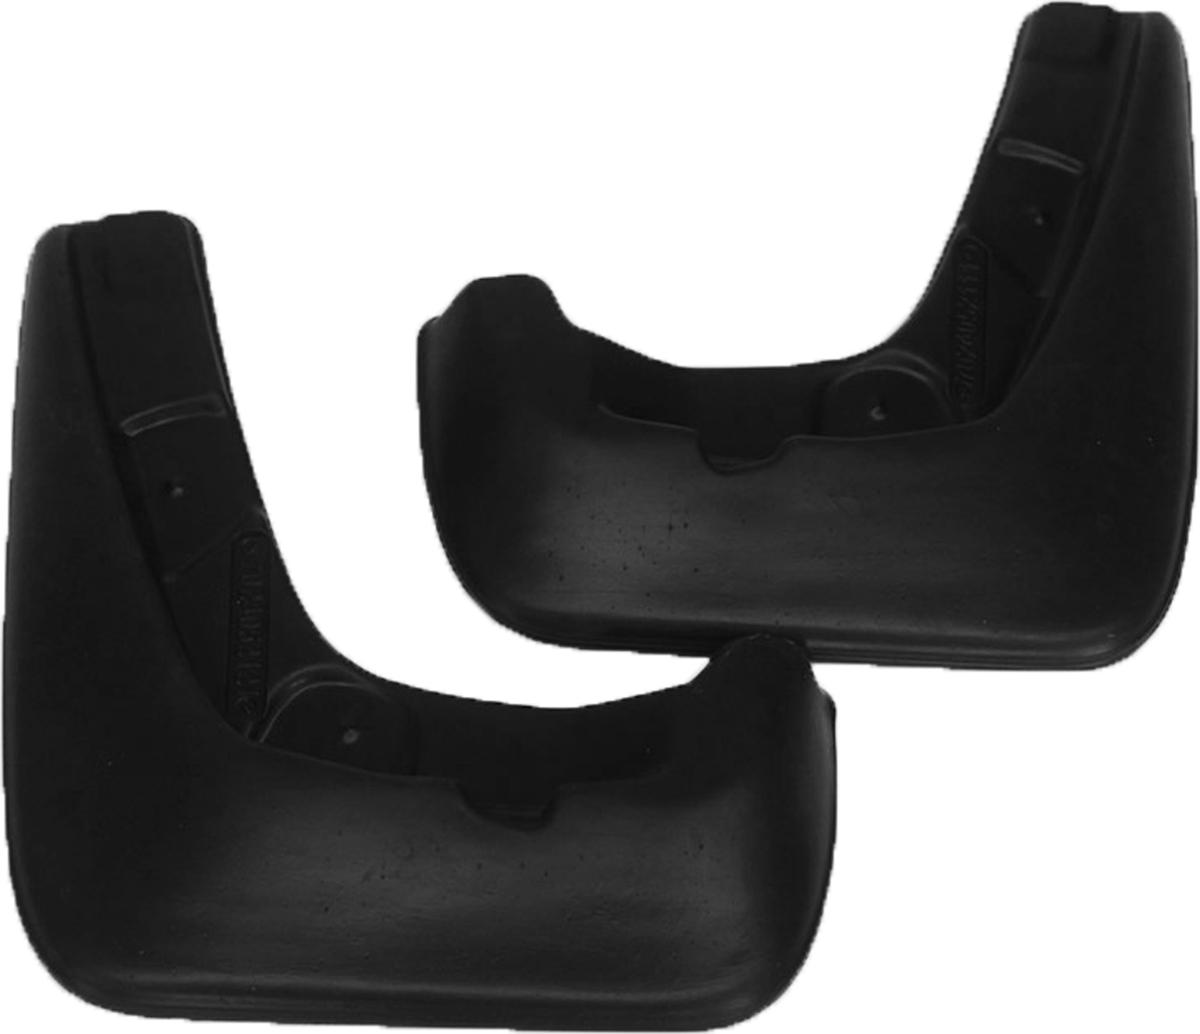 Комплект передних брызговиков L.Locker, для MG 5 hb (12-)21395599Брызговики L.Locker изготовлены из высококачественного полиуретана. Уникальный состав брызговиков допускает их эксплуатацию в широком диапазоне температур: от -50°С до +80°С. Эффективно защищают кузов автомобиля от грязи и воды - формируют аэродинамический поток воздуха, создаваемый при движении вокруг кузова таким образом, чтобы максимально уменьшить образование грязевой измороси, оседающей на автомобиле. Разработаны индивидуально для каждой модели автомобиля, с эстетической точки зрения брызговики являются завершением колесной арки.